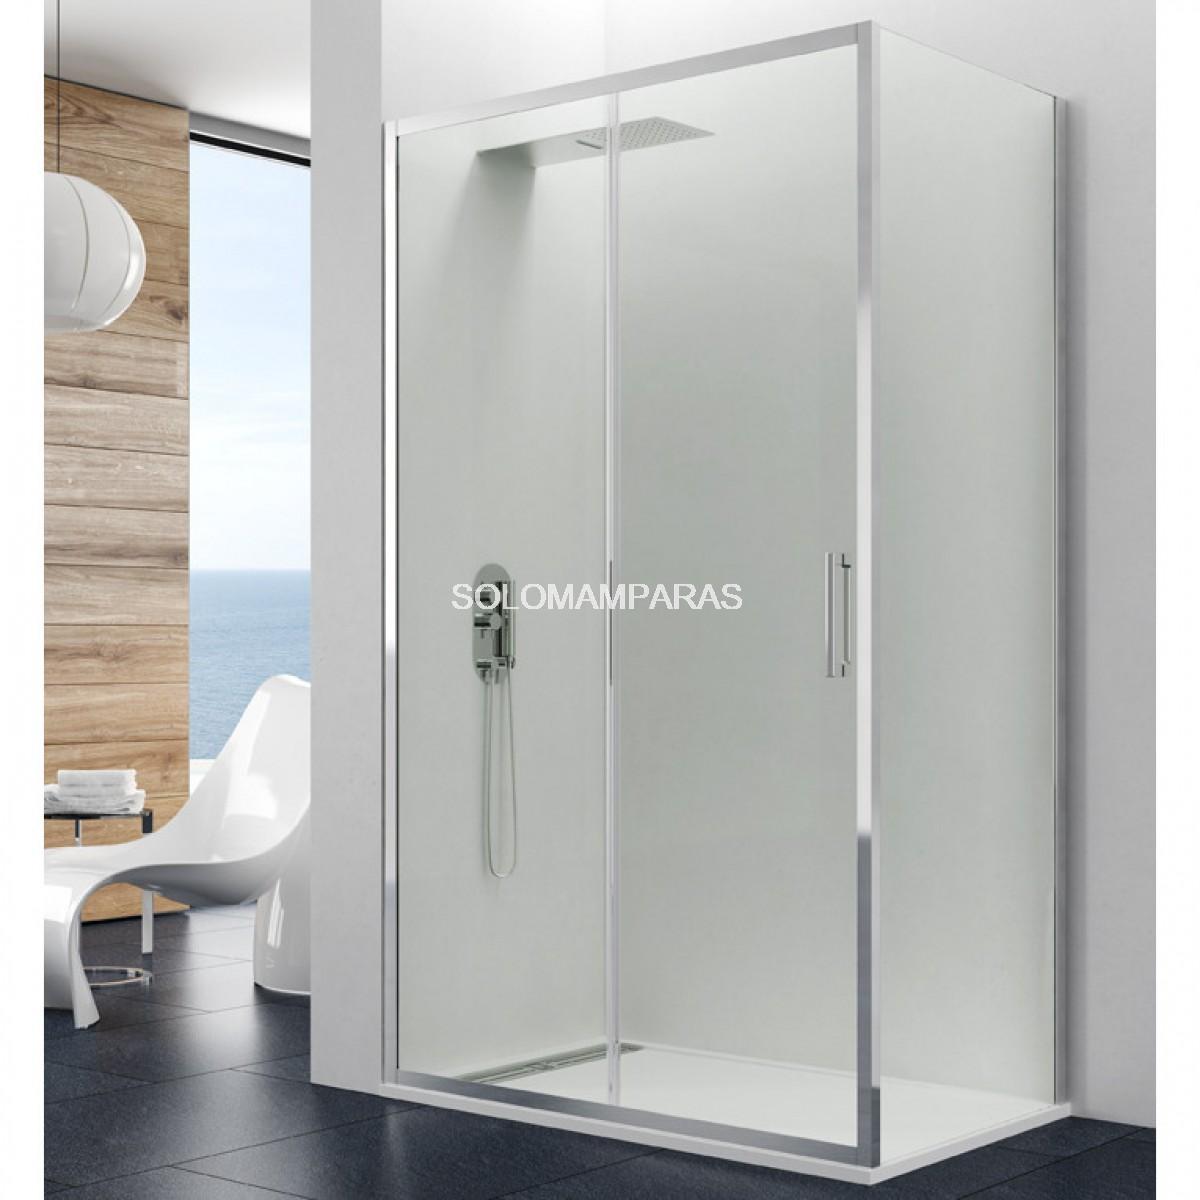 Mampara de ducha gme prestige 1 fija 1 corredera - Mampara fija ducha ...